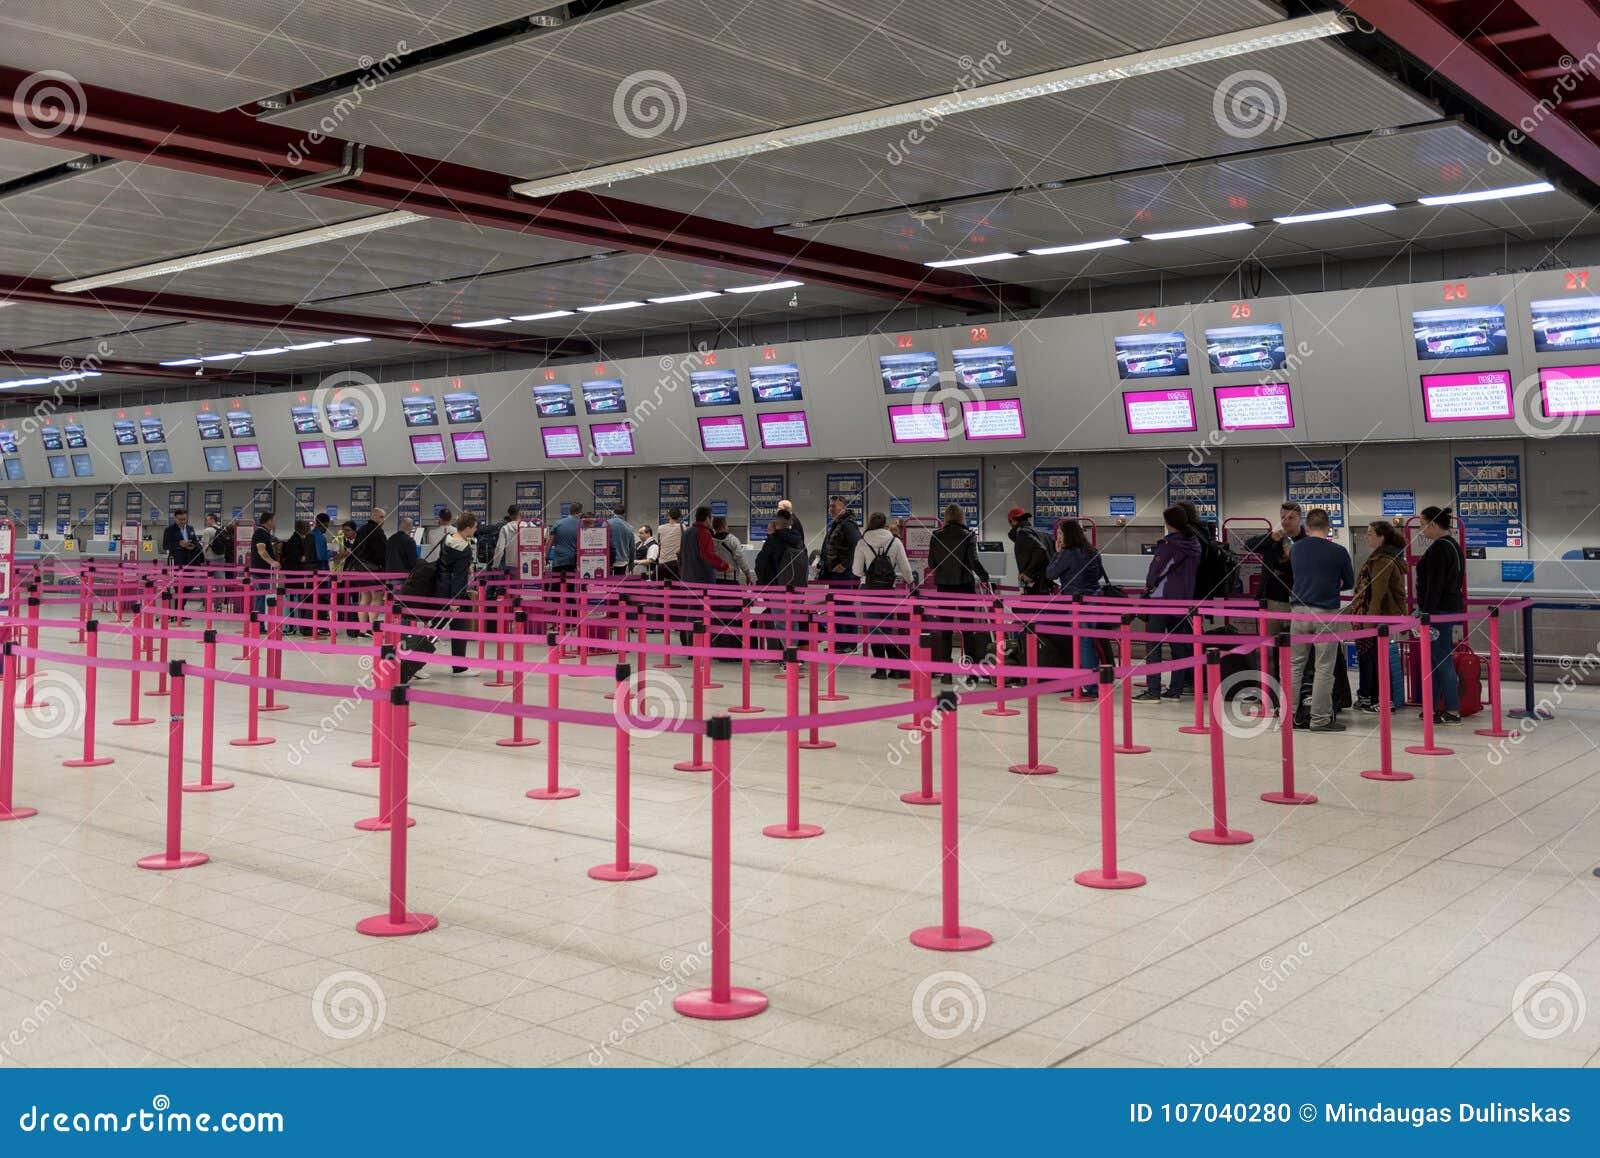 Londra inghilterra settembre l aeroporto di luton